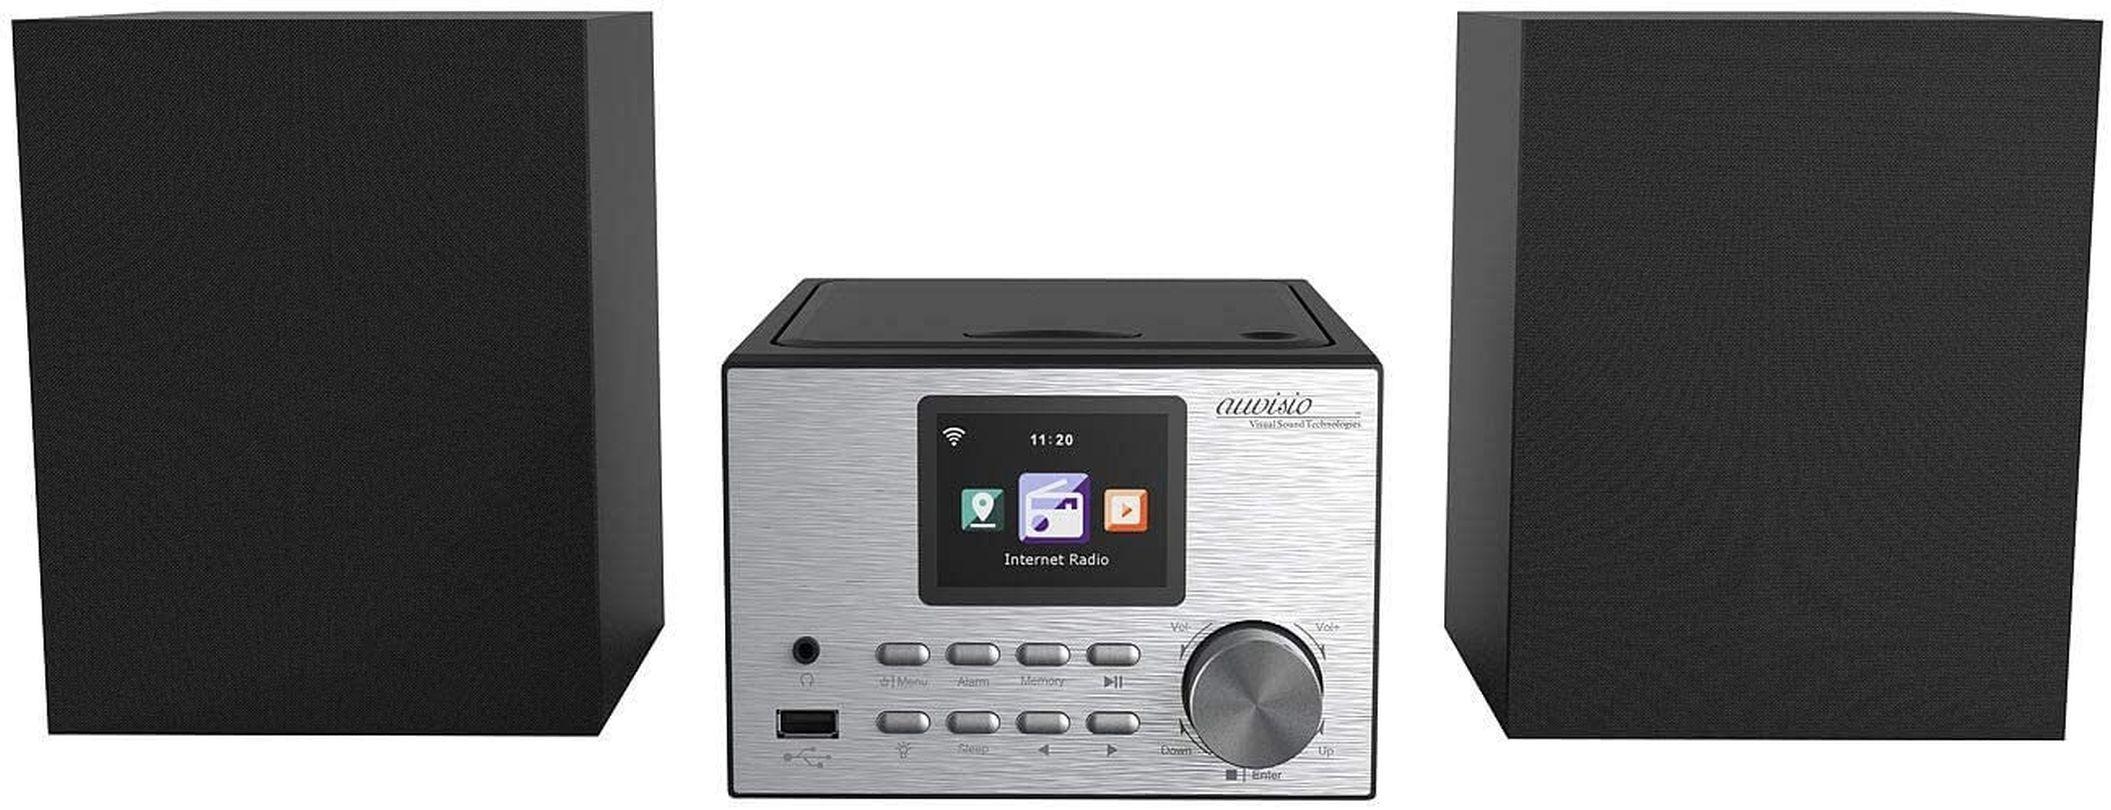 Internetradio An Stereoanlage Anschließen